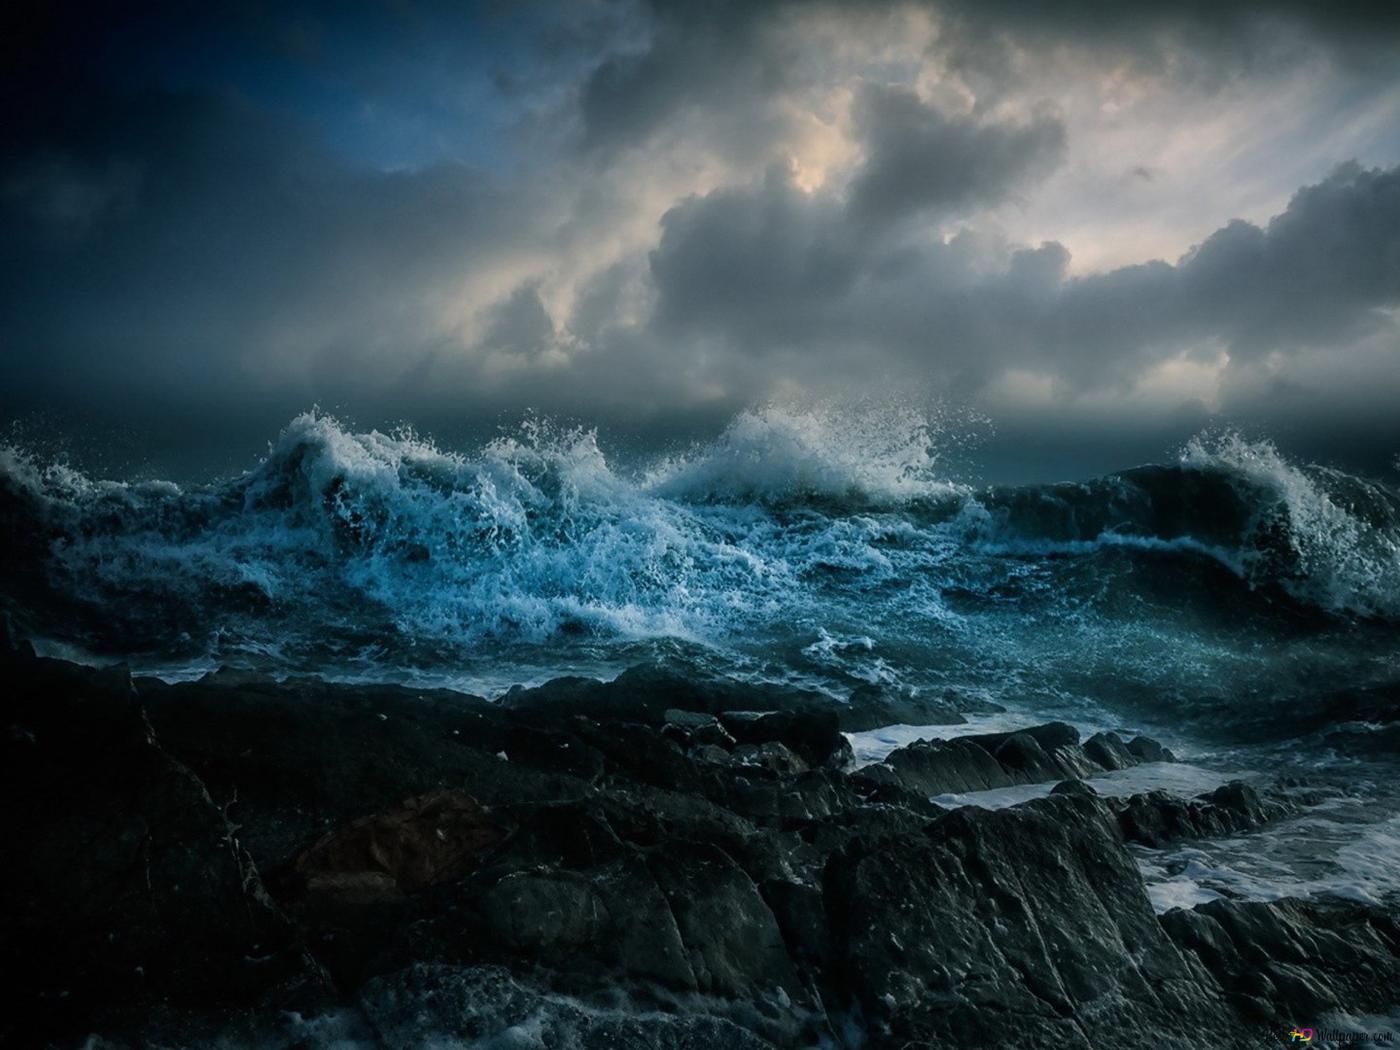 海で磯の隣の嵐 Hd壁紙のダウンロード